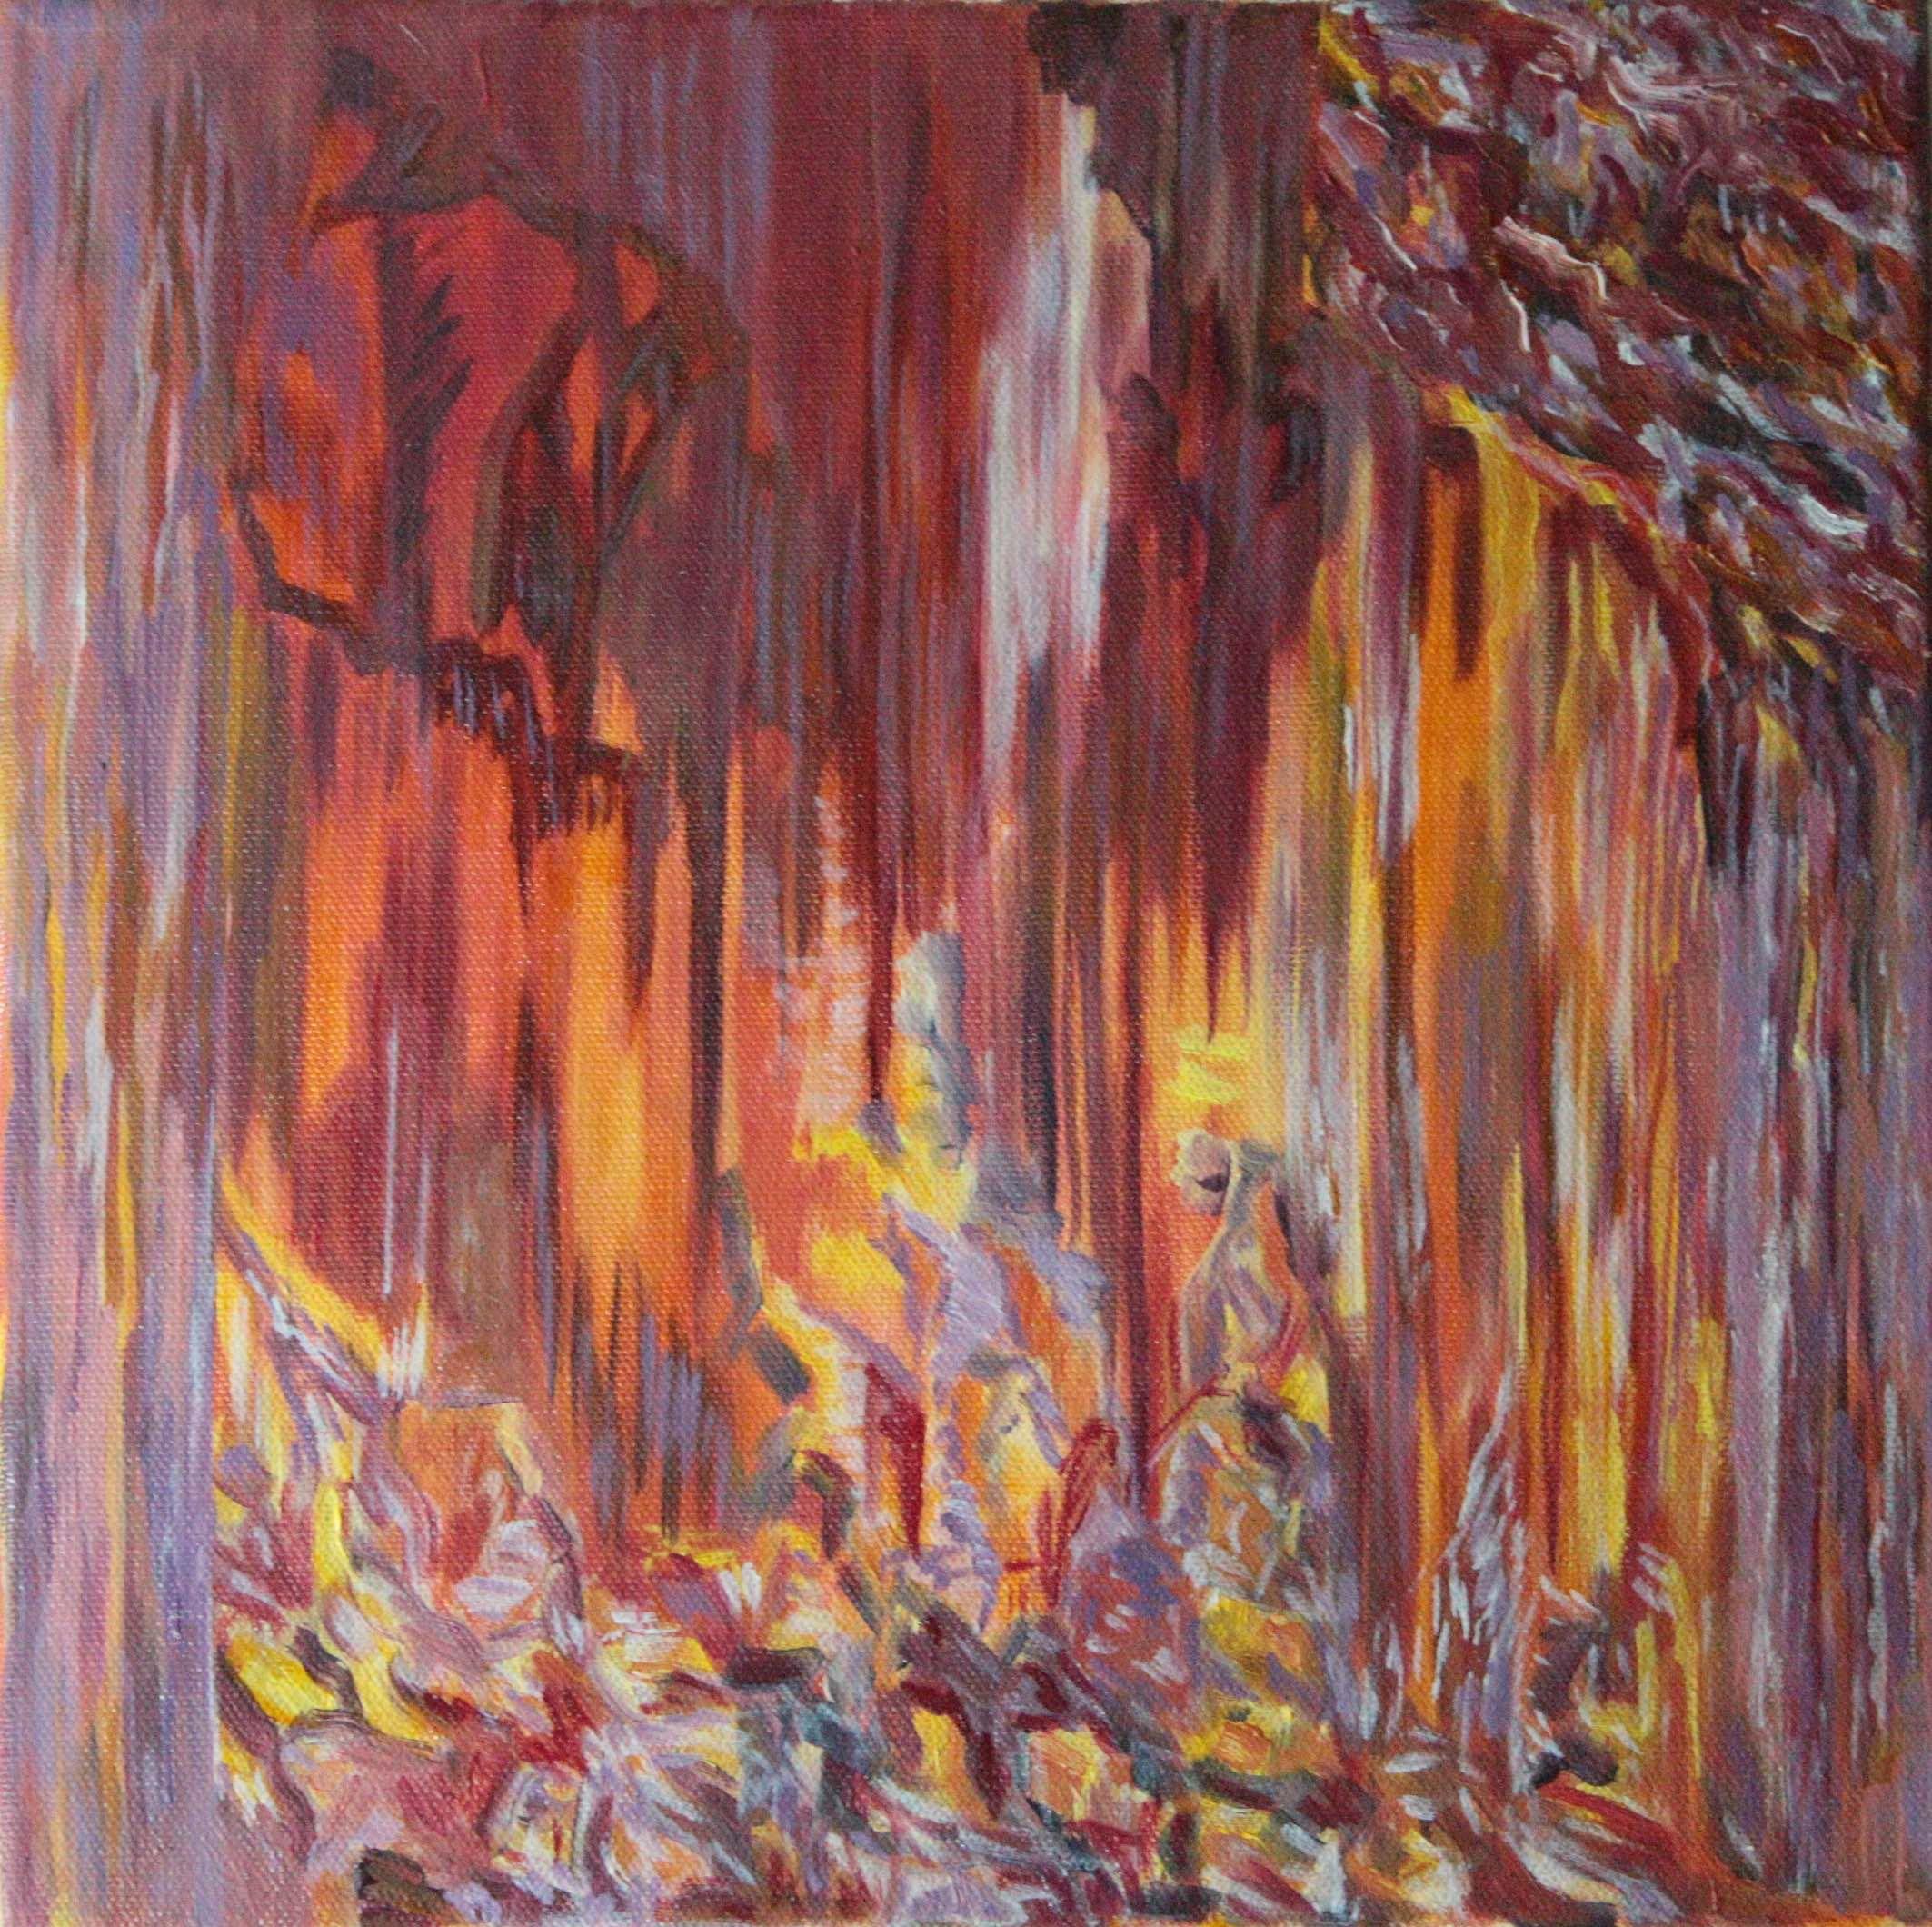 Abstrakti maalaus liilan, oranssin, keltaisen ja purppuranpunaisen väreissä.